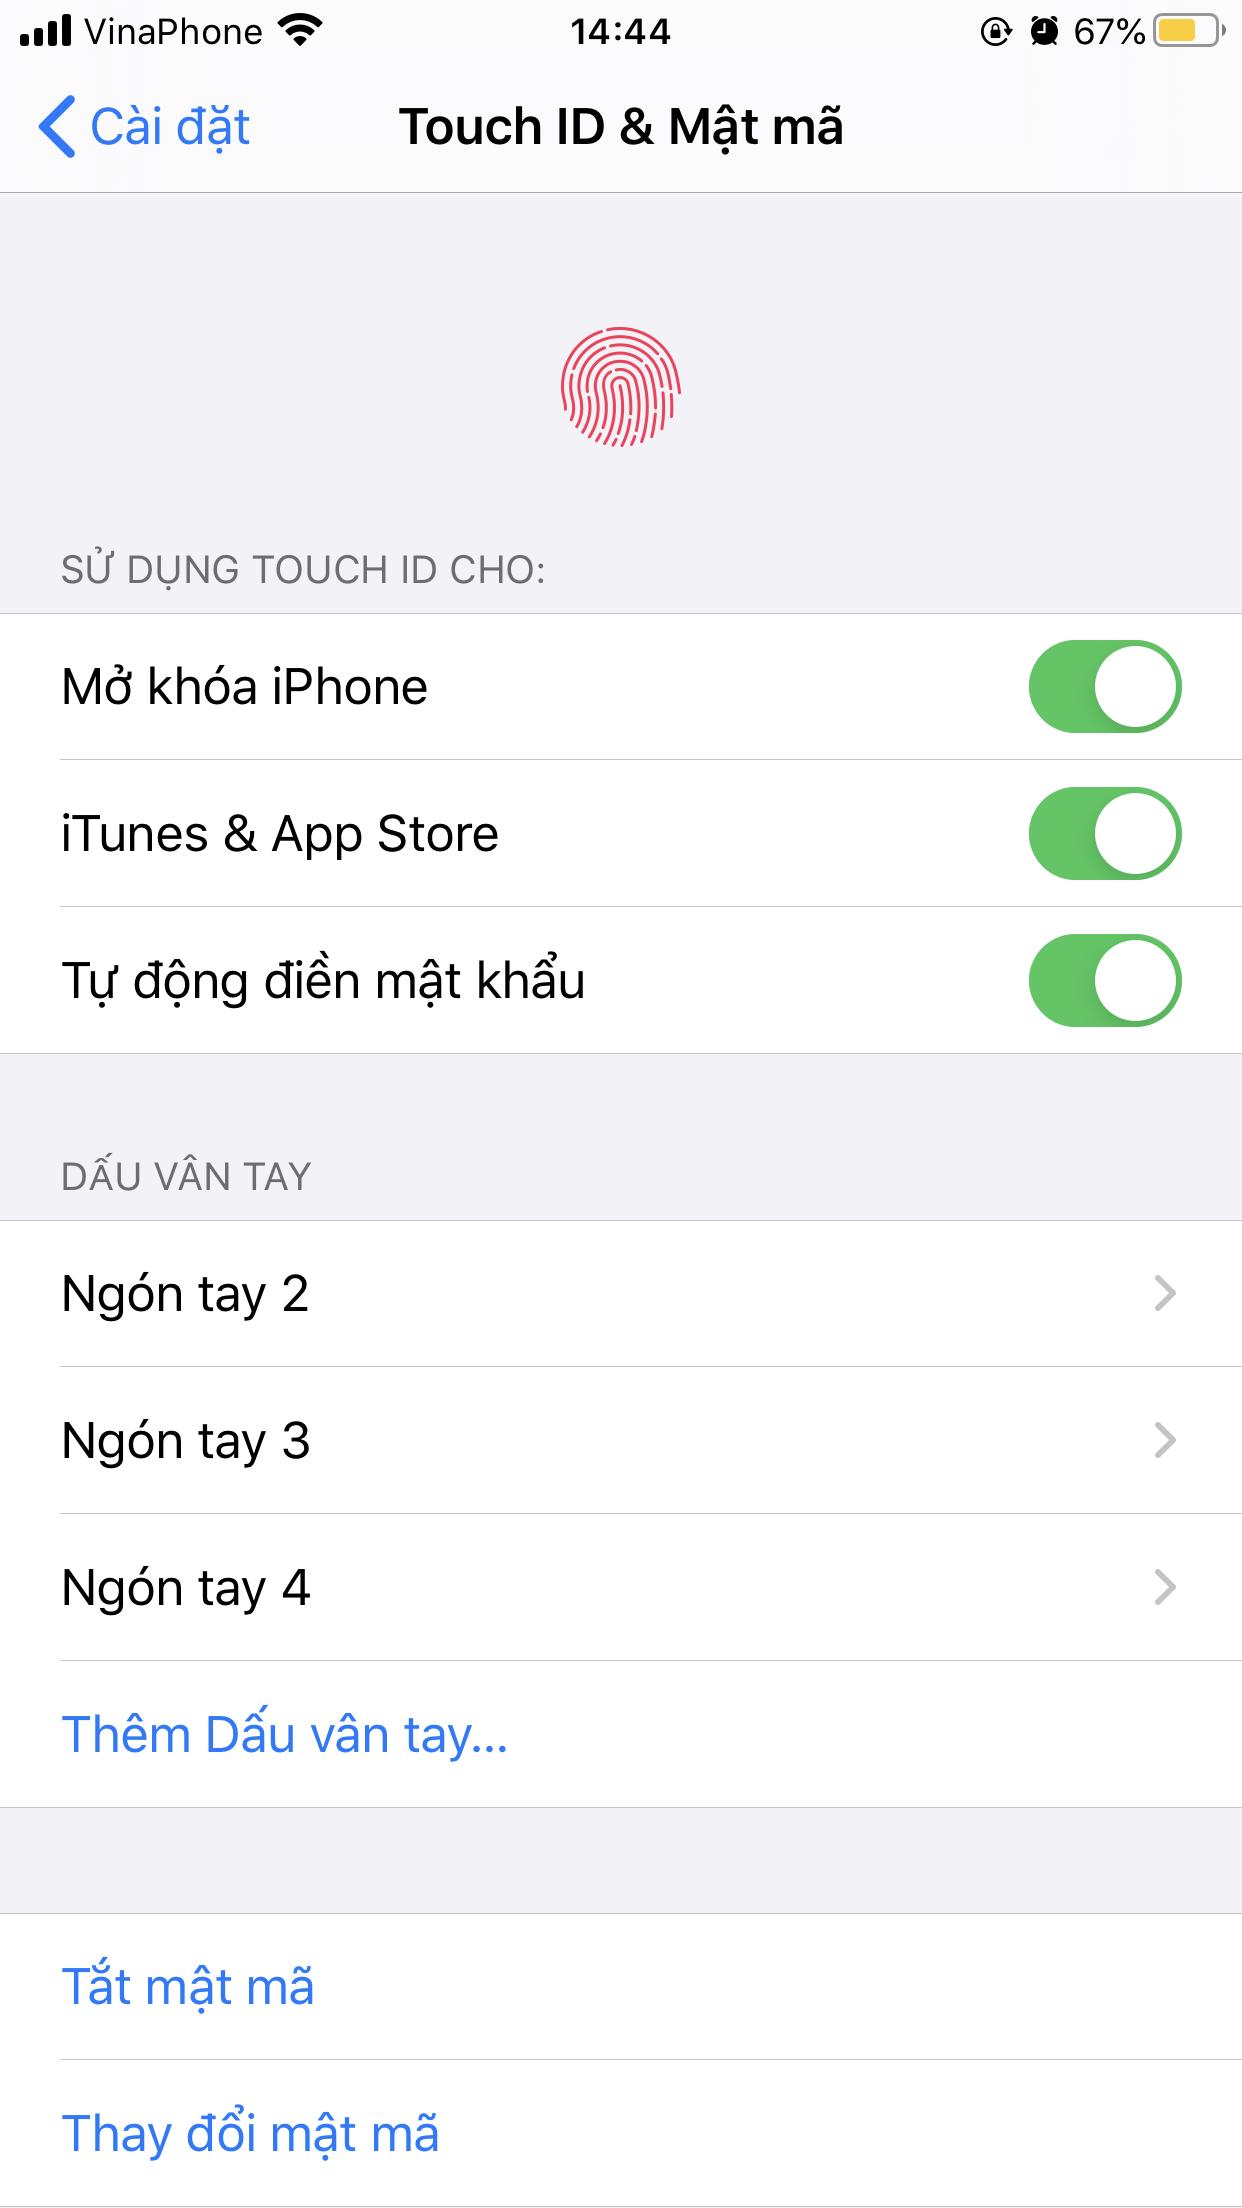 Nhung-dieu-don-gian-de-bao-mat-iPhone-tot-hon-4